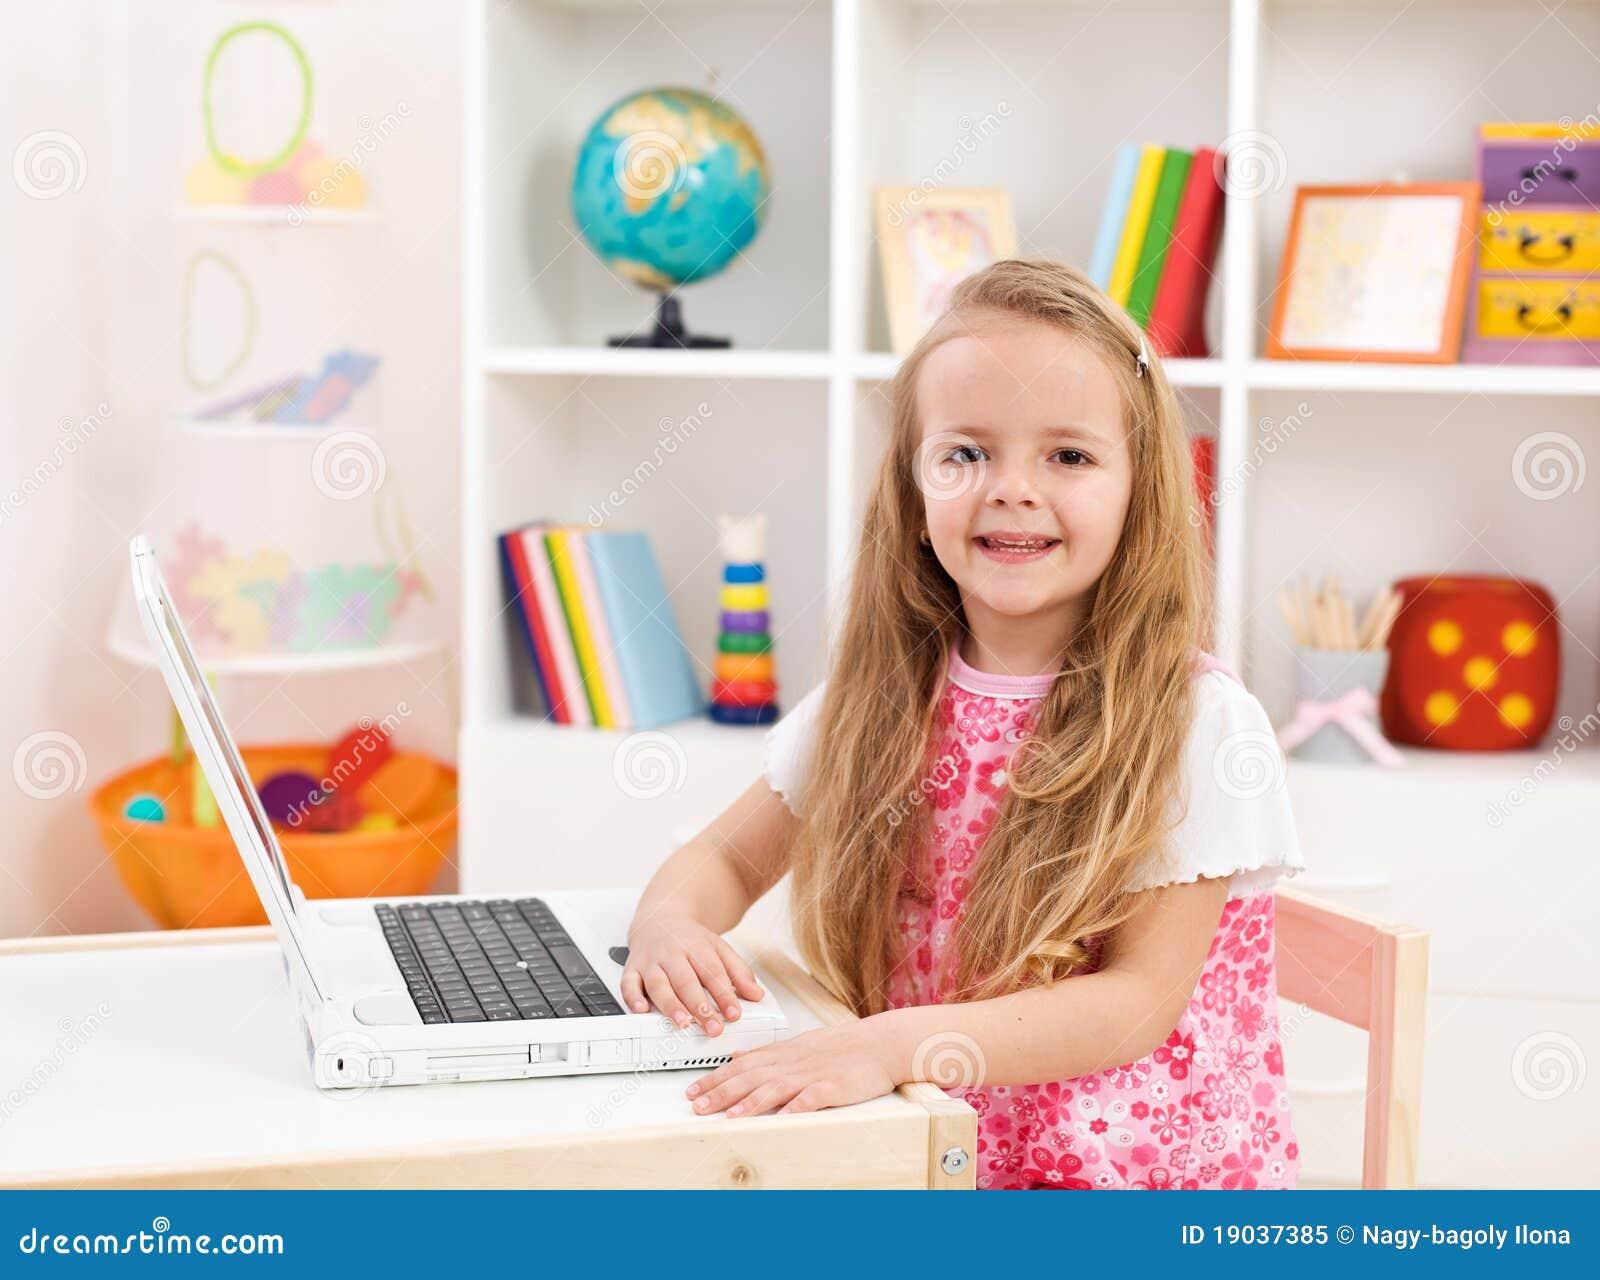 Meisje in haar ruimte die aan laptop computer werkt stock afbeelding afbeelding 19037385 - Tiener meubilair ruimte meisje ...